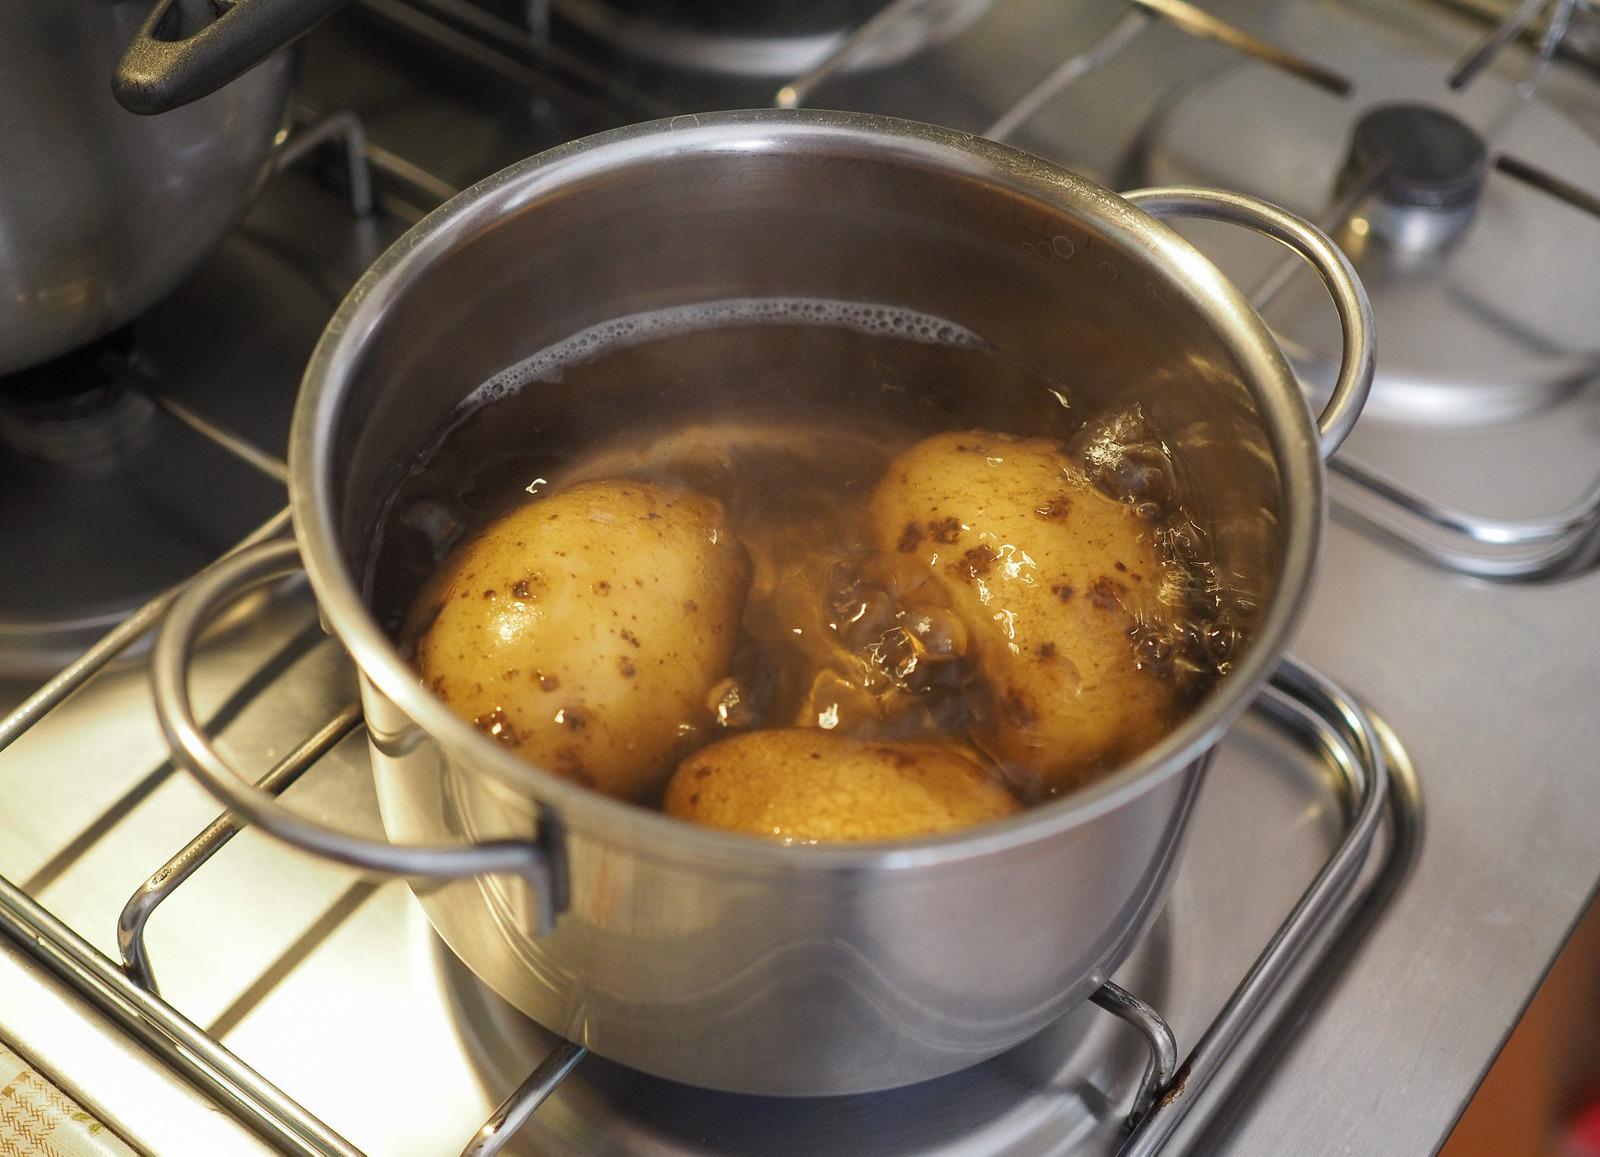 Gotujące się ziemniaki